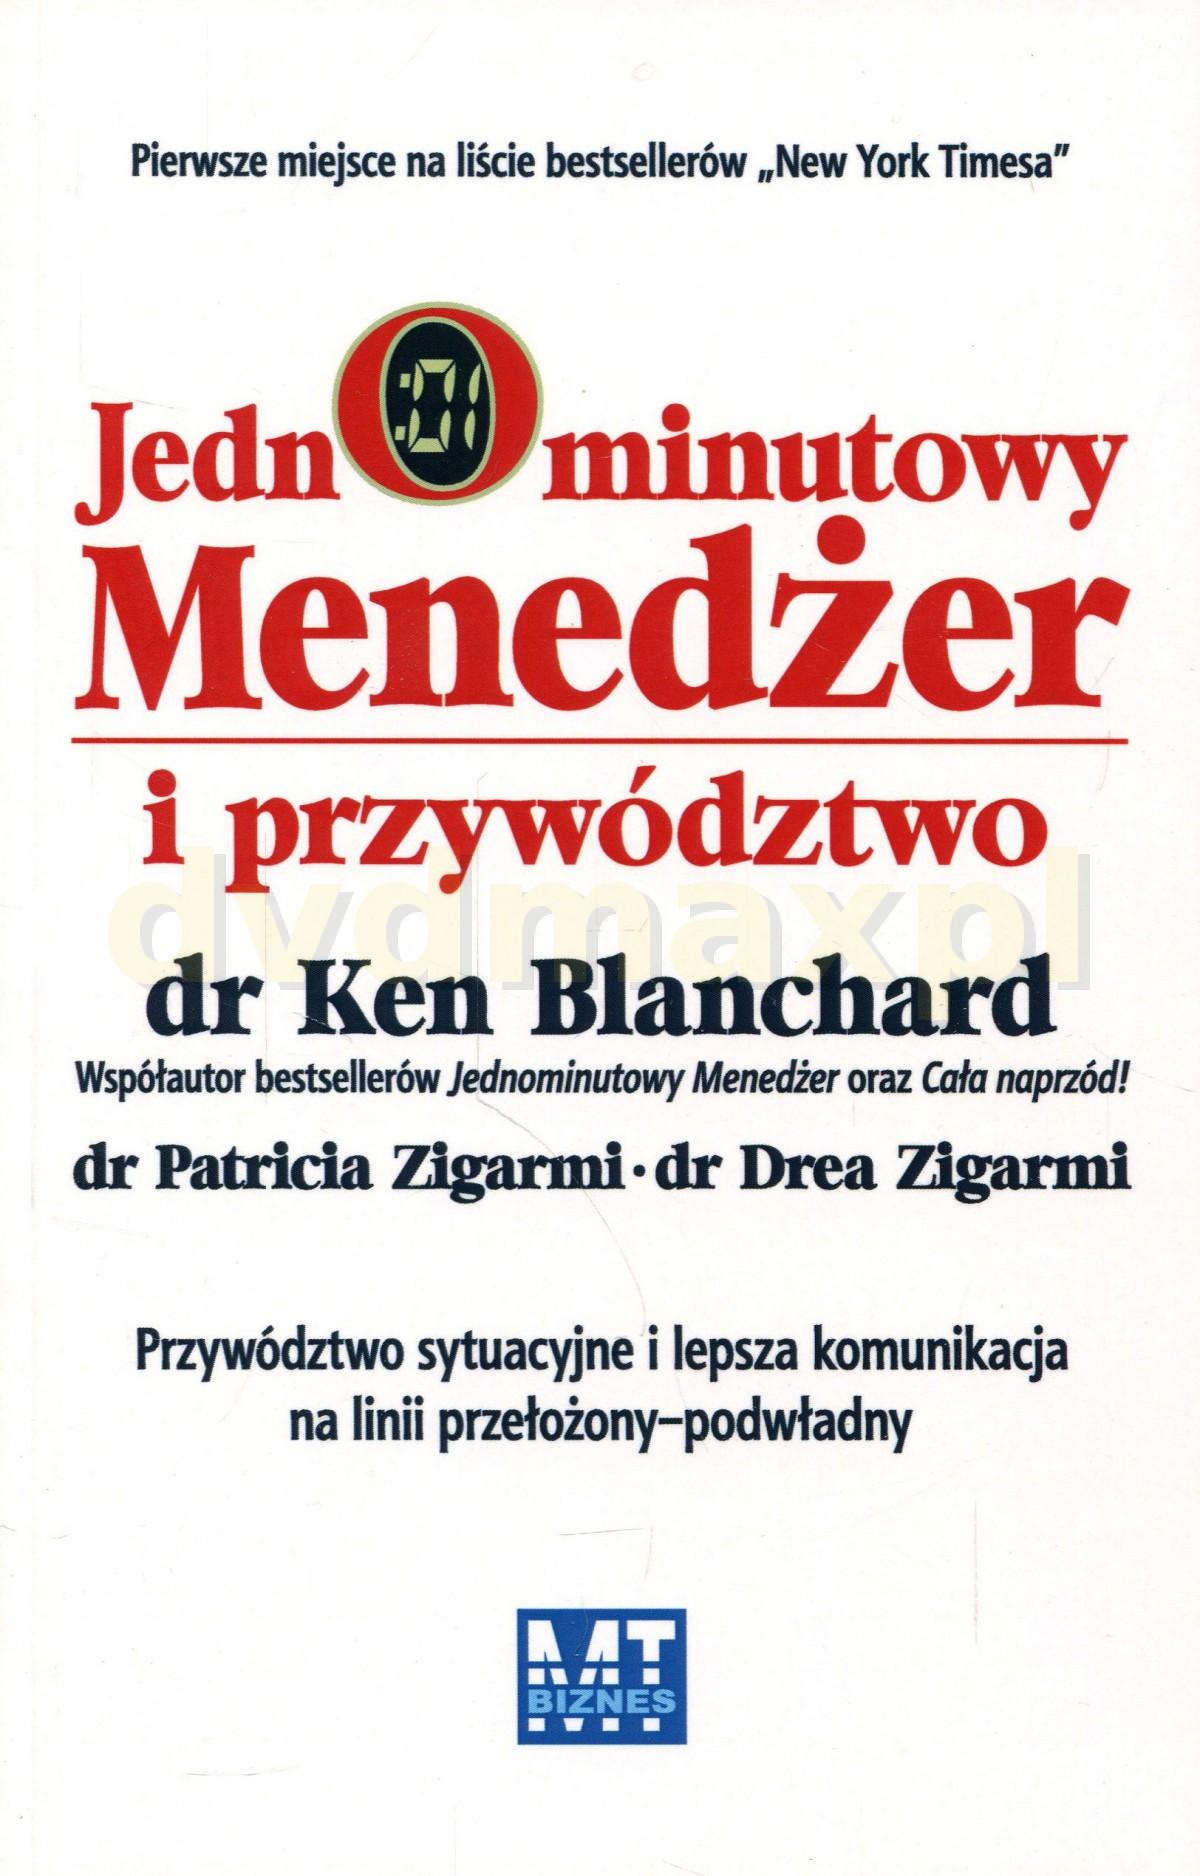 Jednominutowy Menedżer I Przywództwo (broszurowa) - Dr Ken Blanchard [KSIĄŻKA] - Dr Ken Blanchard